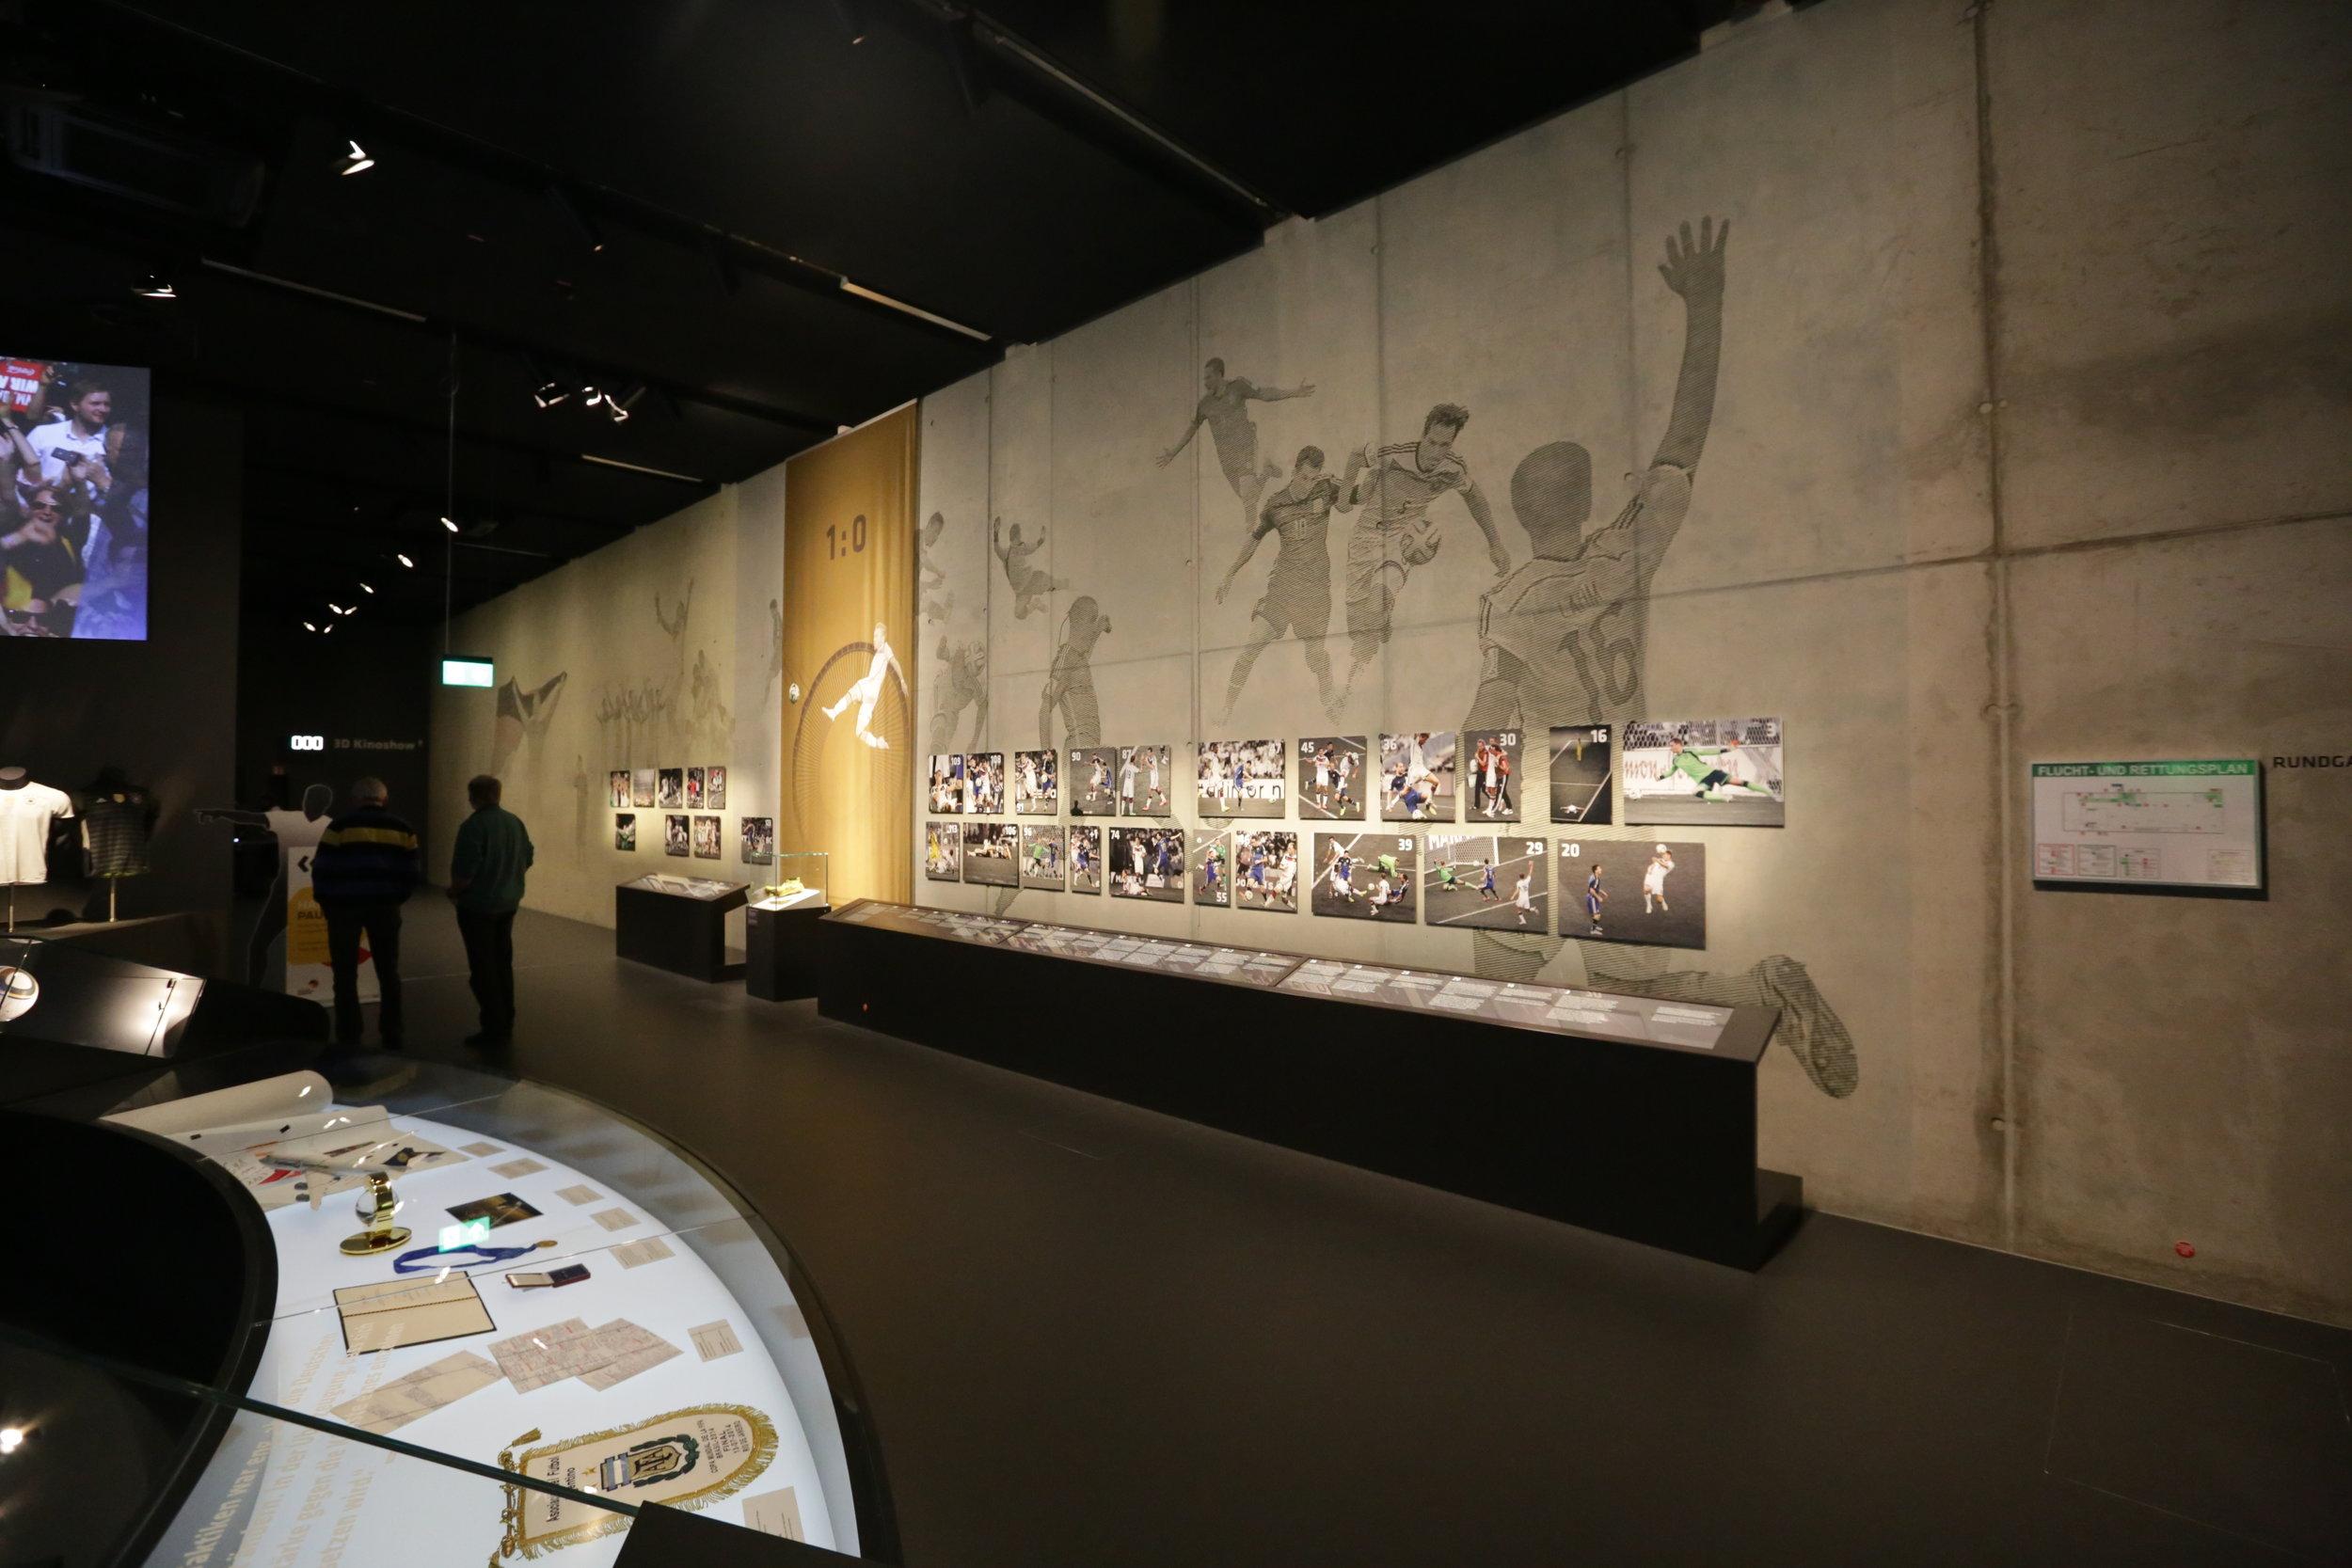 Dortmund_Fußball_Museum_Nationalmannschaft_Wandbild_Rasterbild